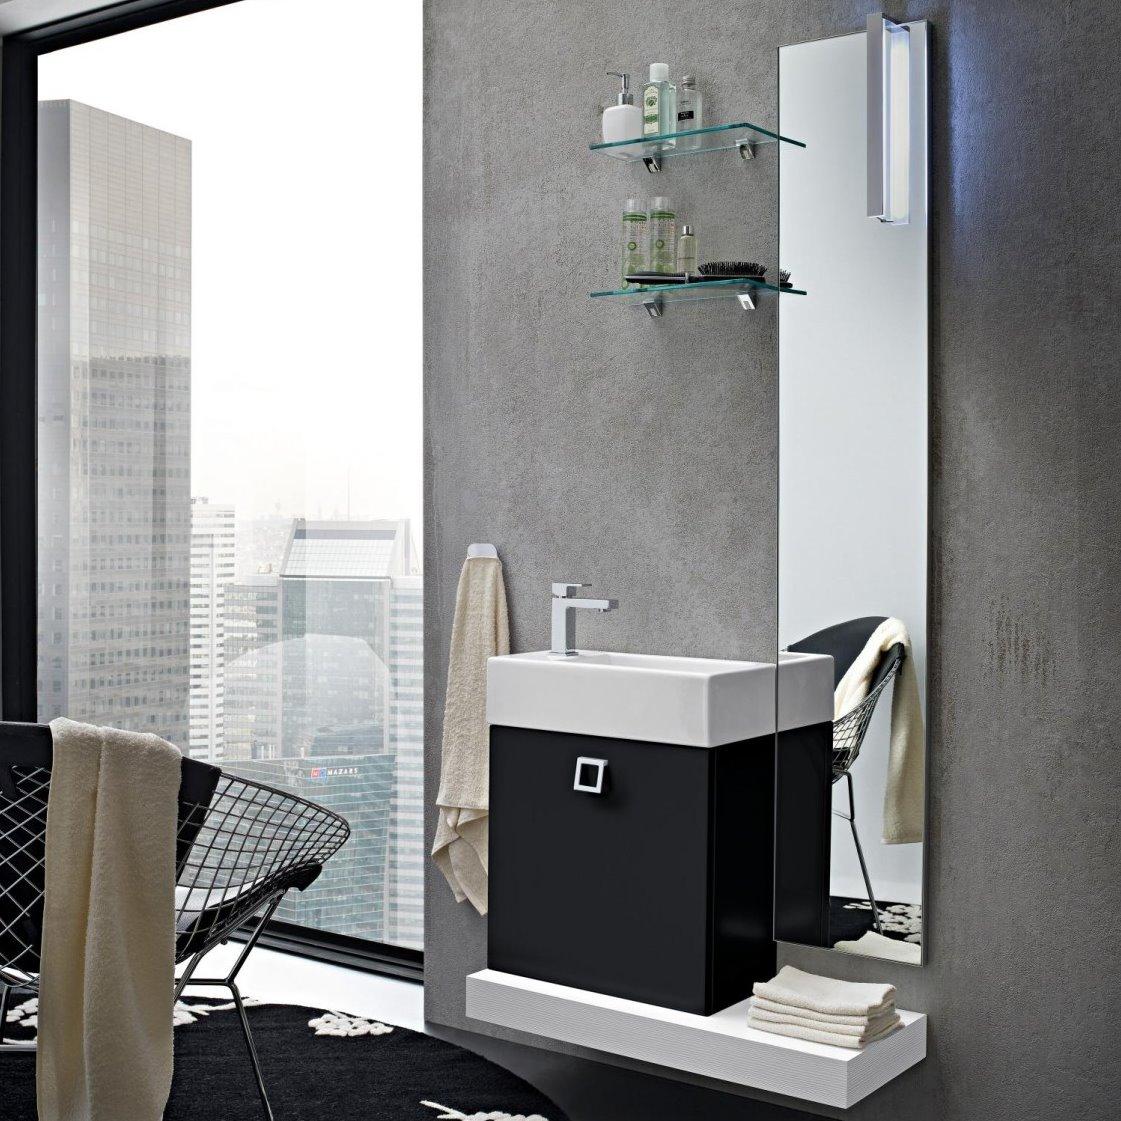 Mobile Sotto Mensola Bagno idee - bagno piccolo: 6 idee per scegliere il mobile bagno